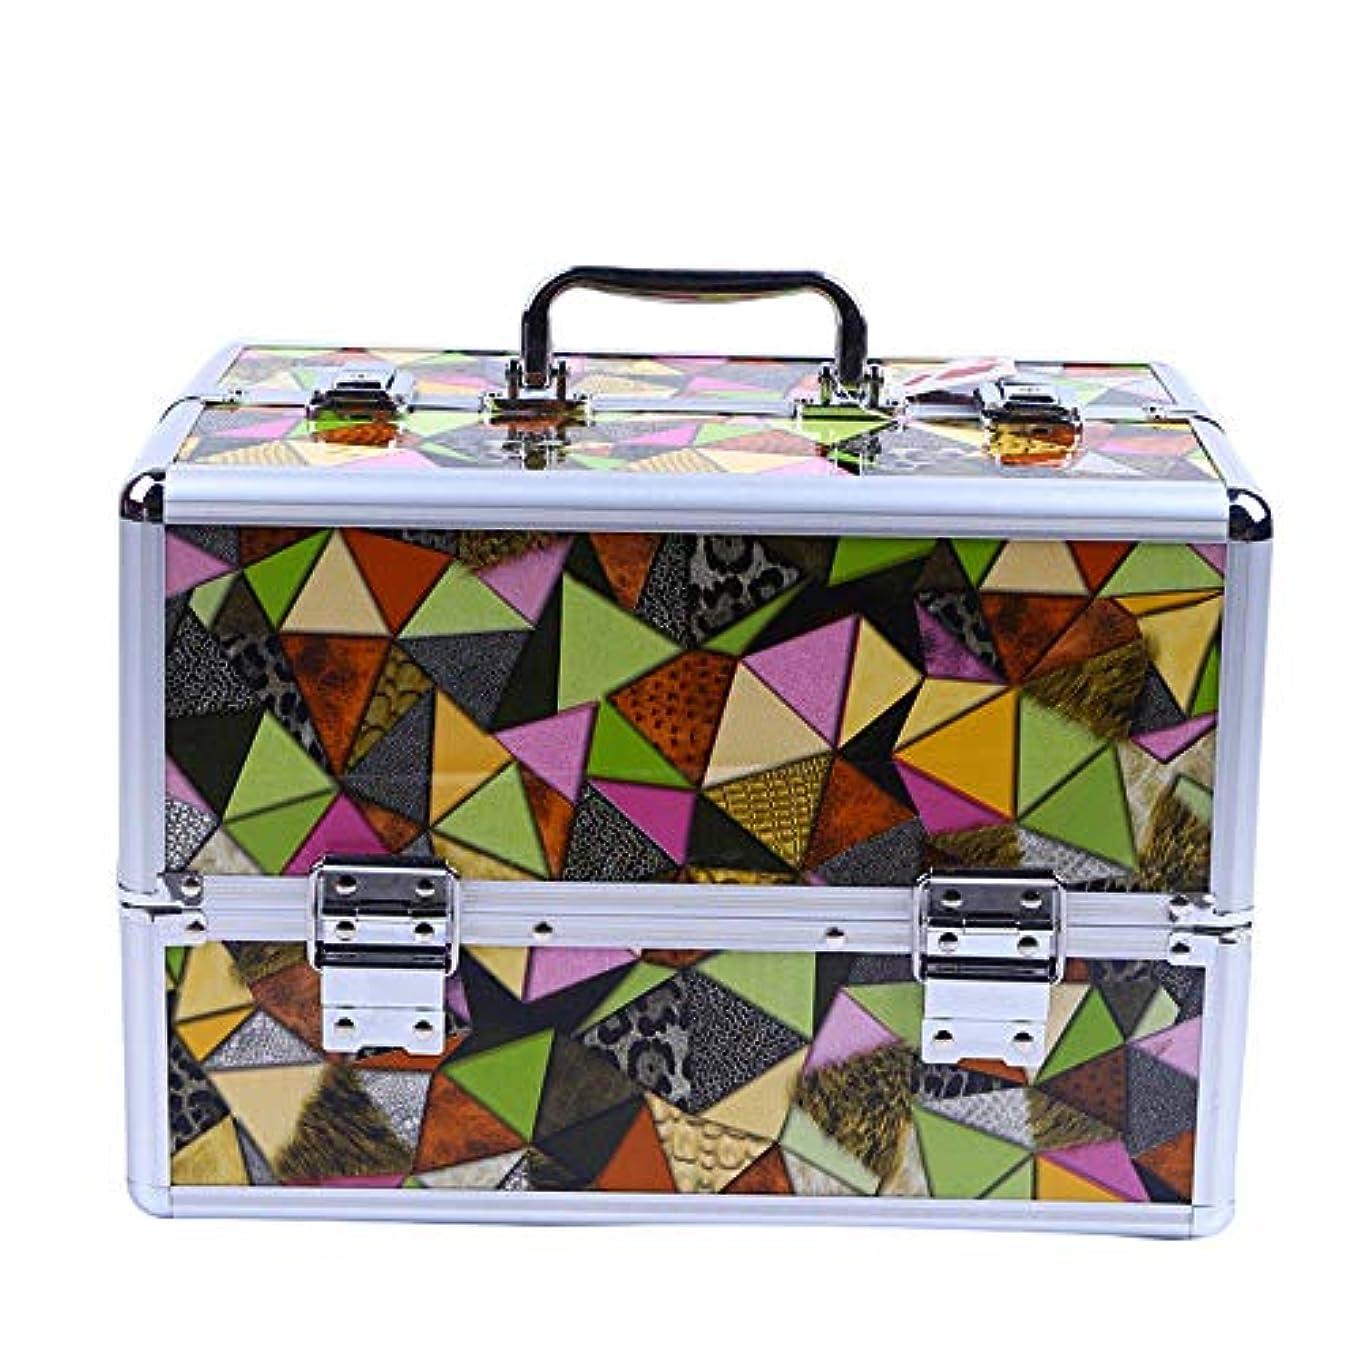 自発的叱る会議化粧オーガナイザーバッグ 高容量ポータブルPUレザー化粧品美容メイクアップ化粧ケース幾何学模様と折り畳みトレイ 化粧品ケース